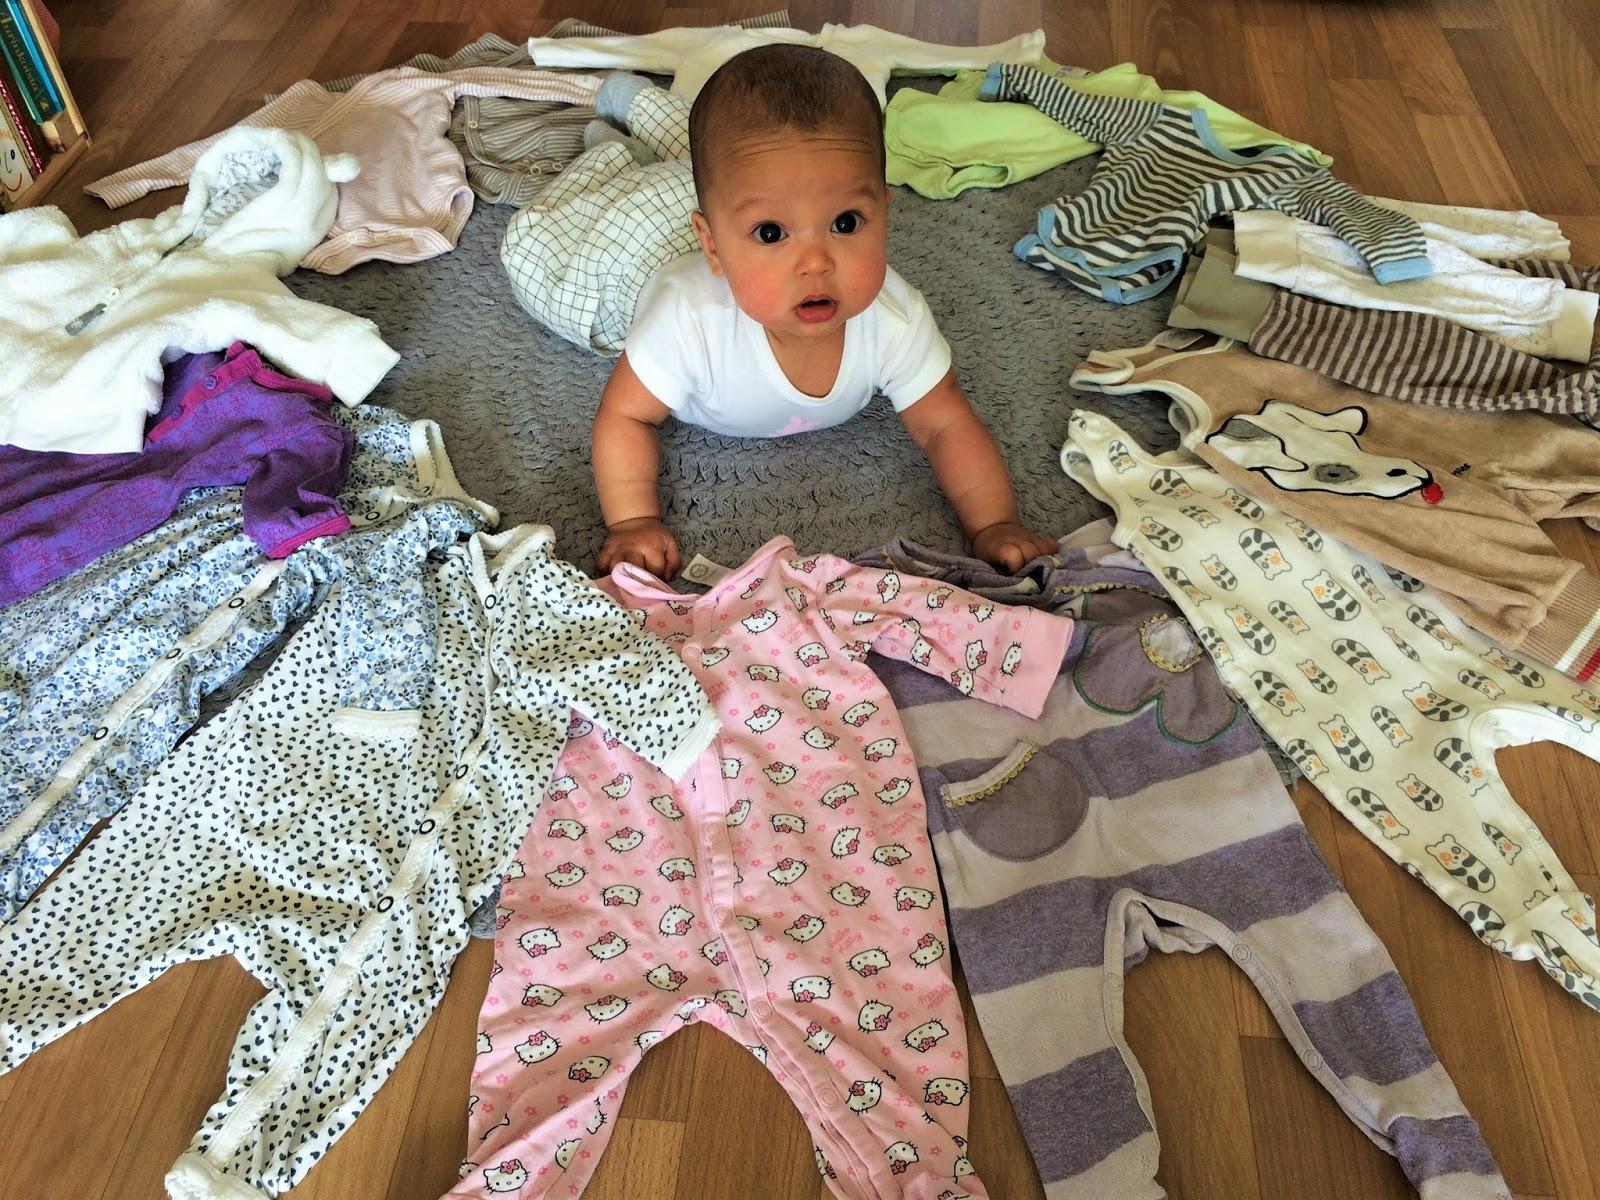 kuinka paljon säästää vauvan vaatteita